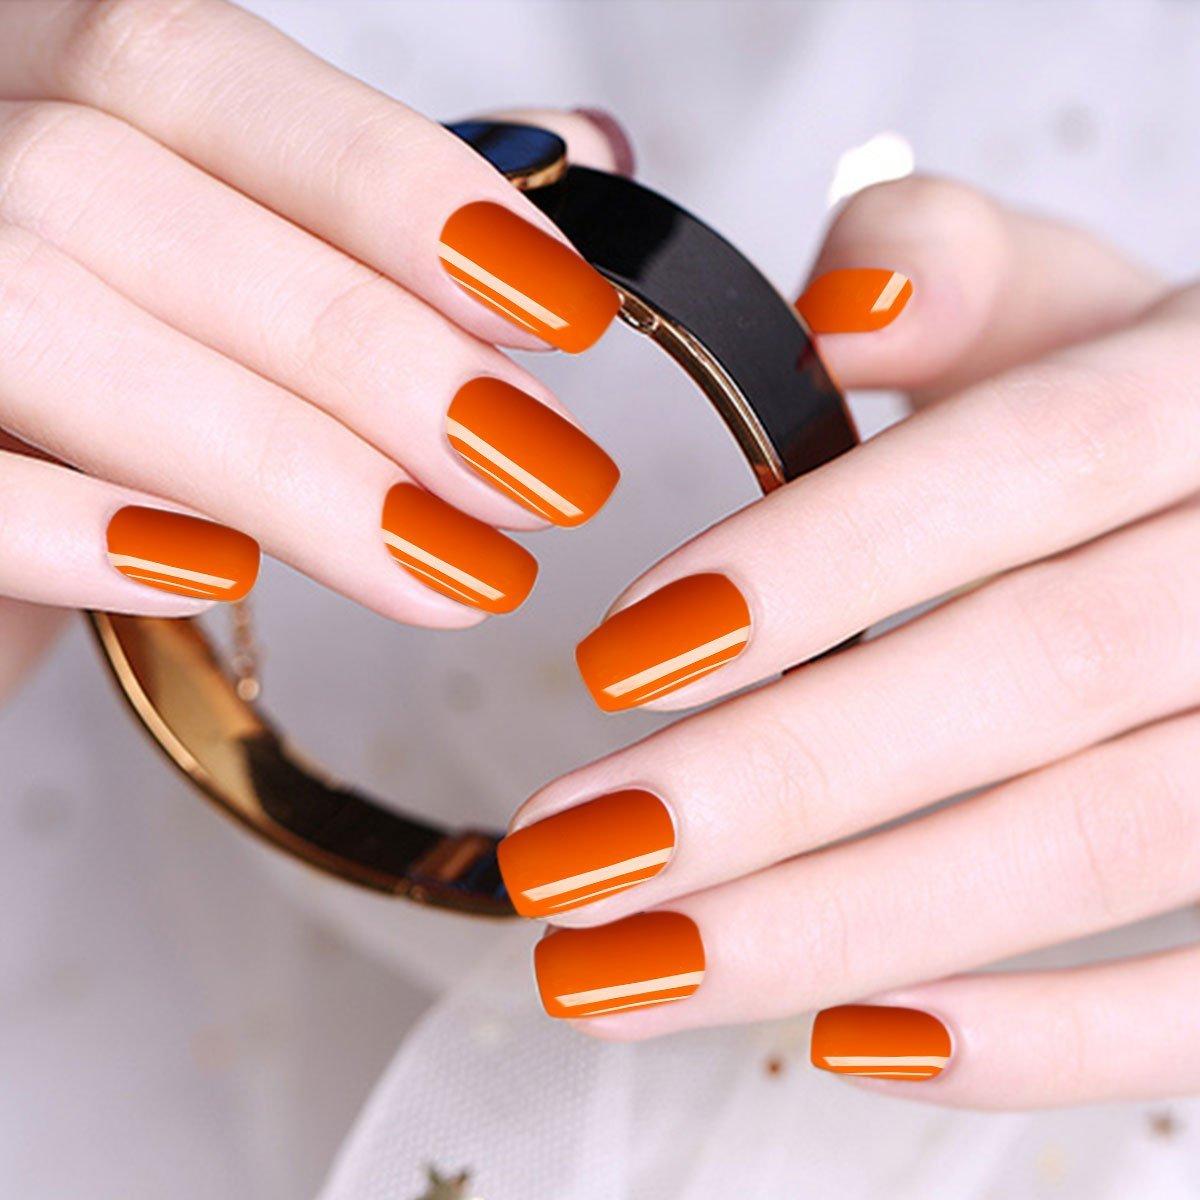 Schönheit & Gesundheit Angemessen 10 Ml Farbe Gel Nagellack Nagel Gel Polnisch Kunst Serie Farbe Uv Led Acryl Für Gel Lack Nagel Werkzeuge Nails Art & Werkzeuge